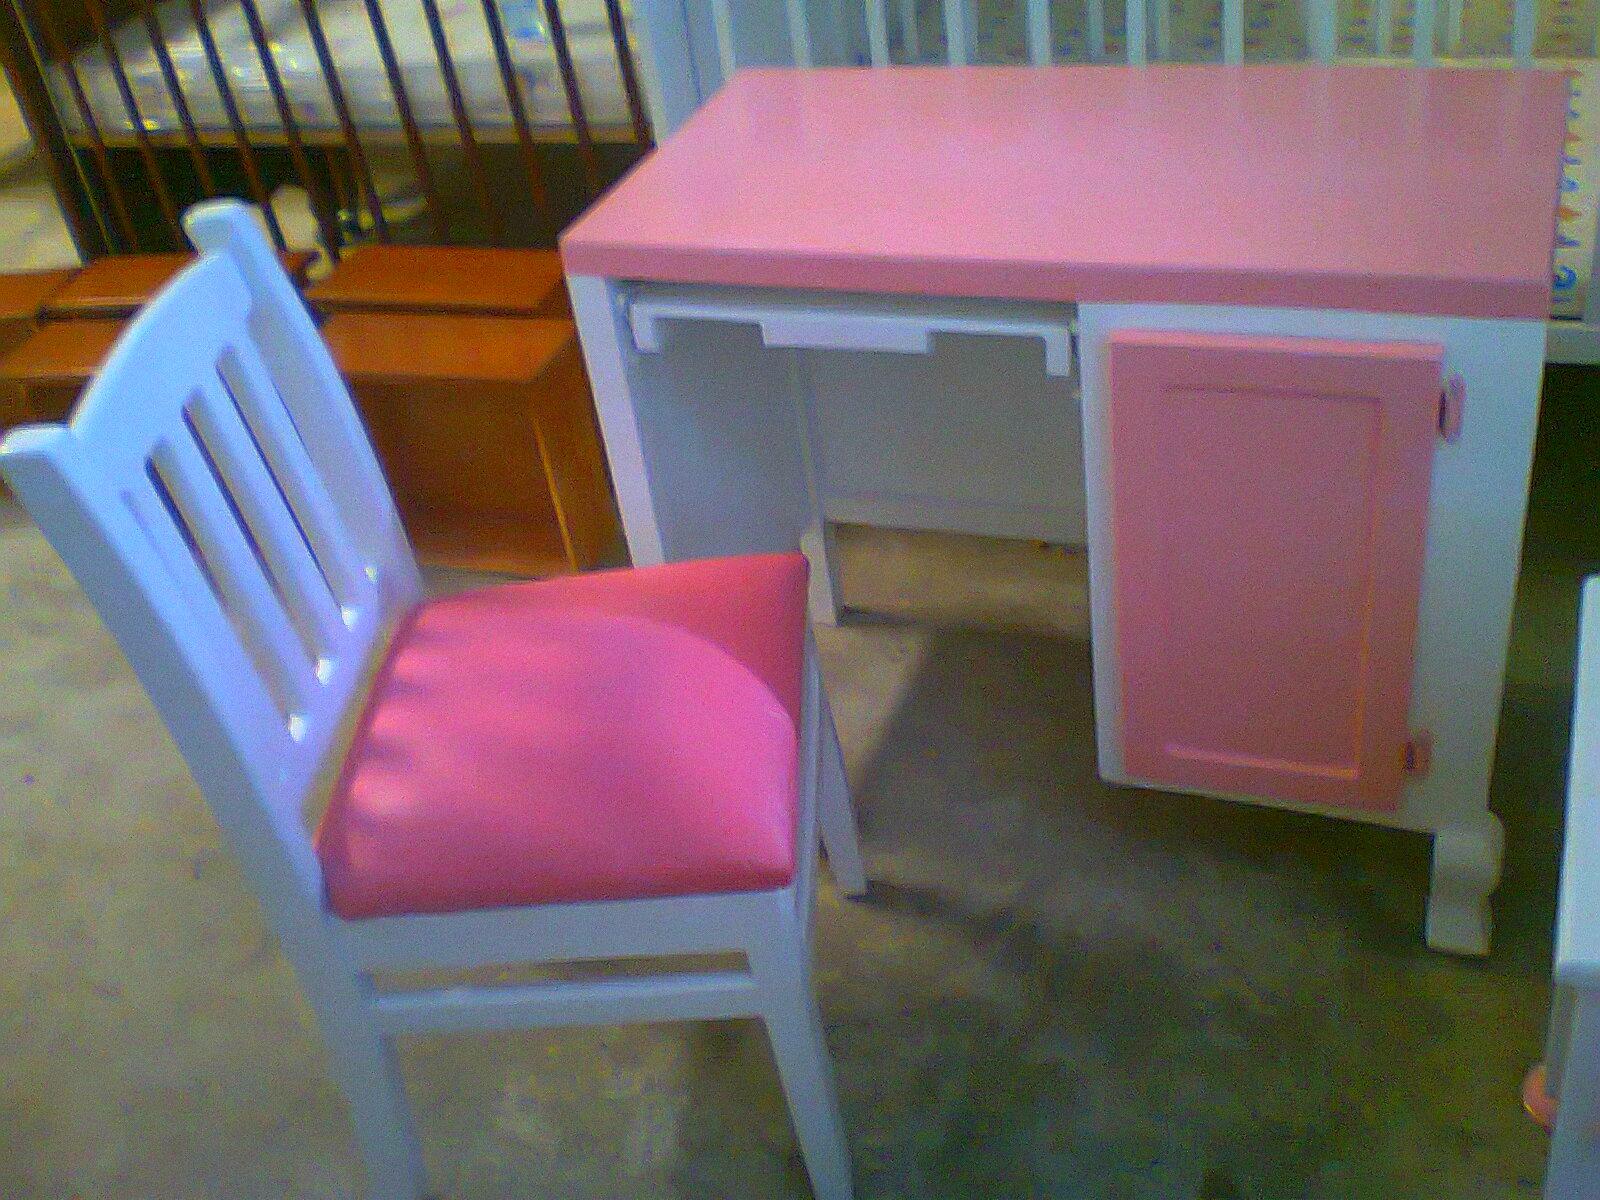 escritorios infantiles nosotros buscamos junto a ti la comodidad de tus hijos diferentes tipos de maderas y tonos de color que se ajuste a tu